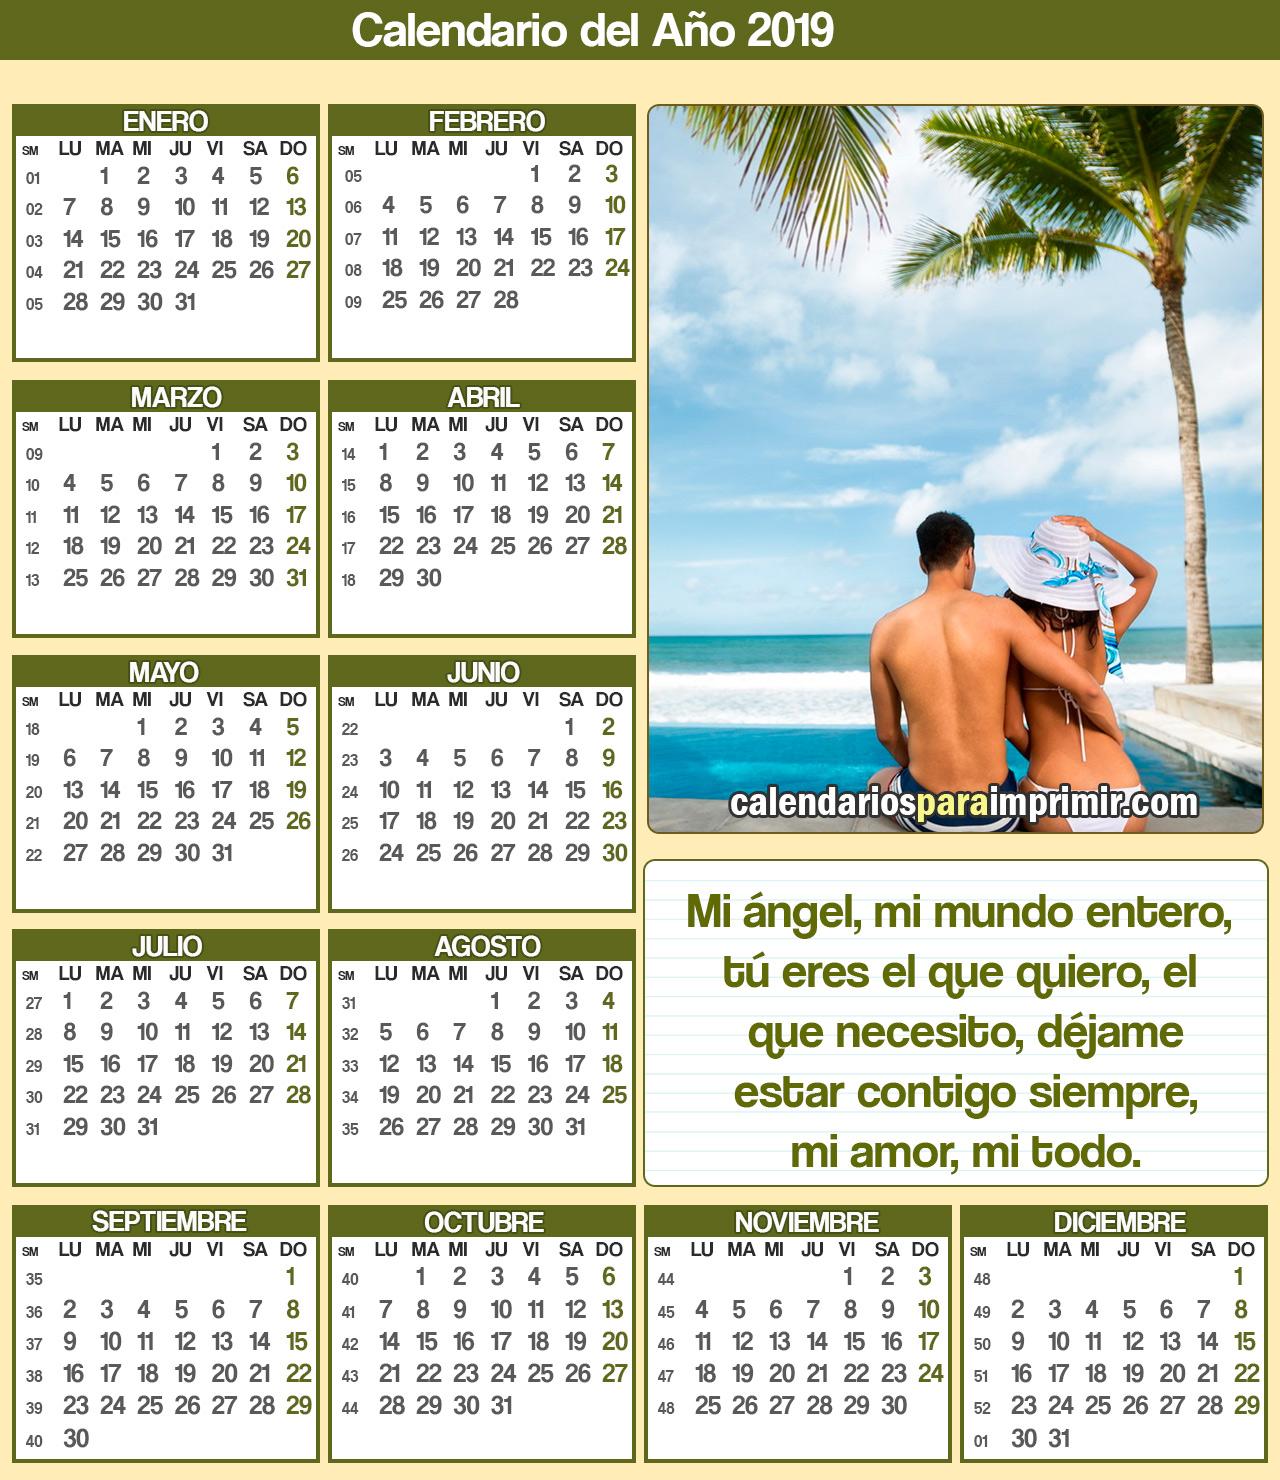 calendario para imprimir 2019 romanticos